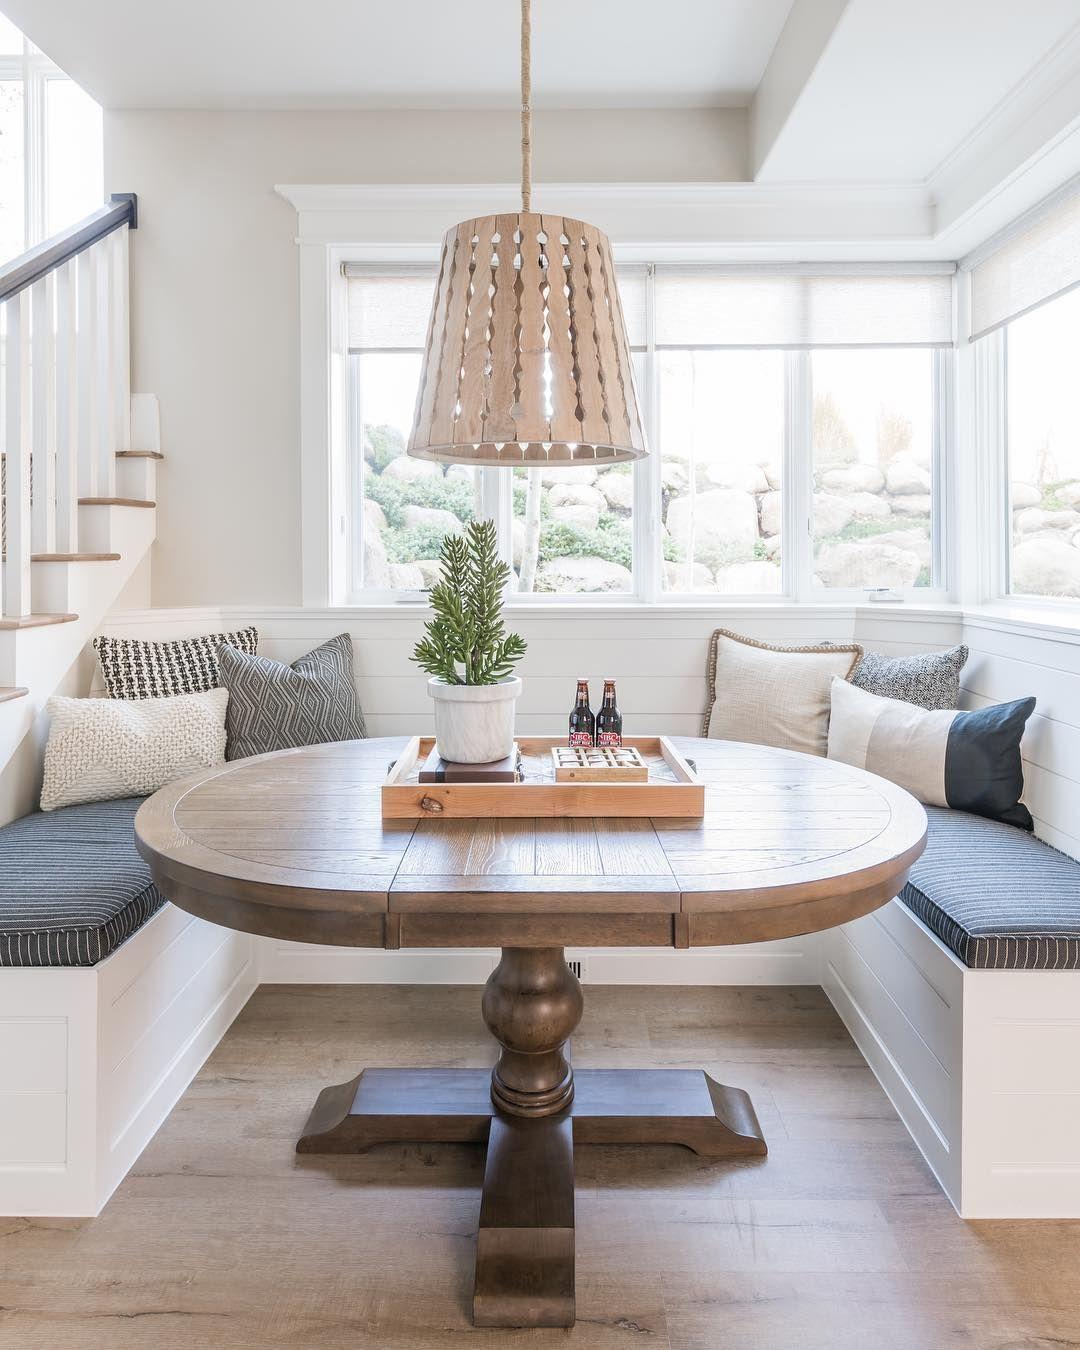 Remedy Furniture Design On Instagram Built In Wraparound